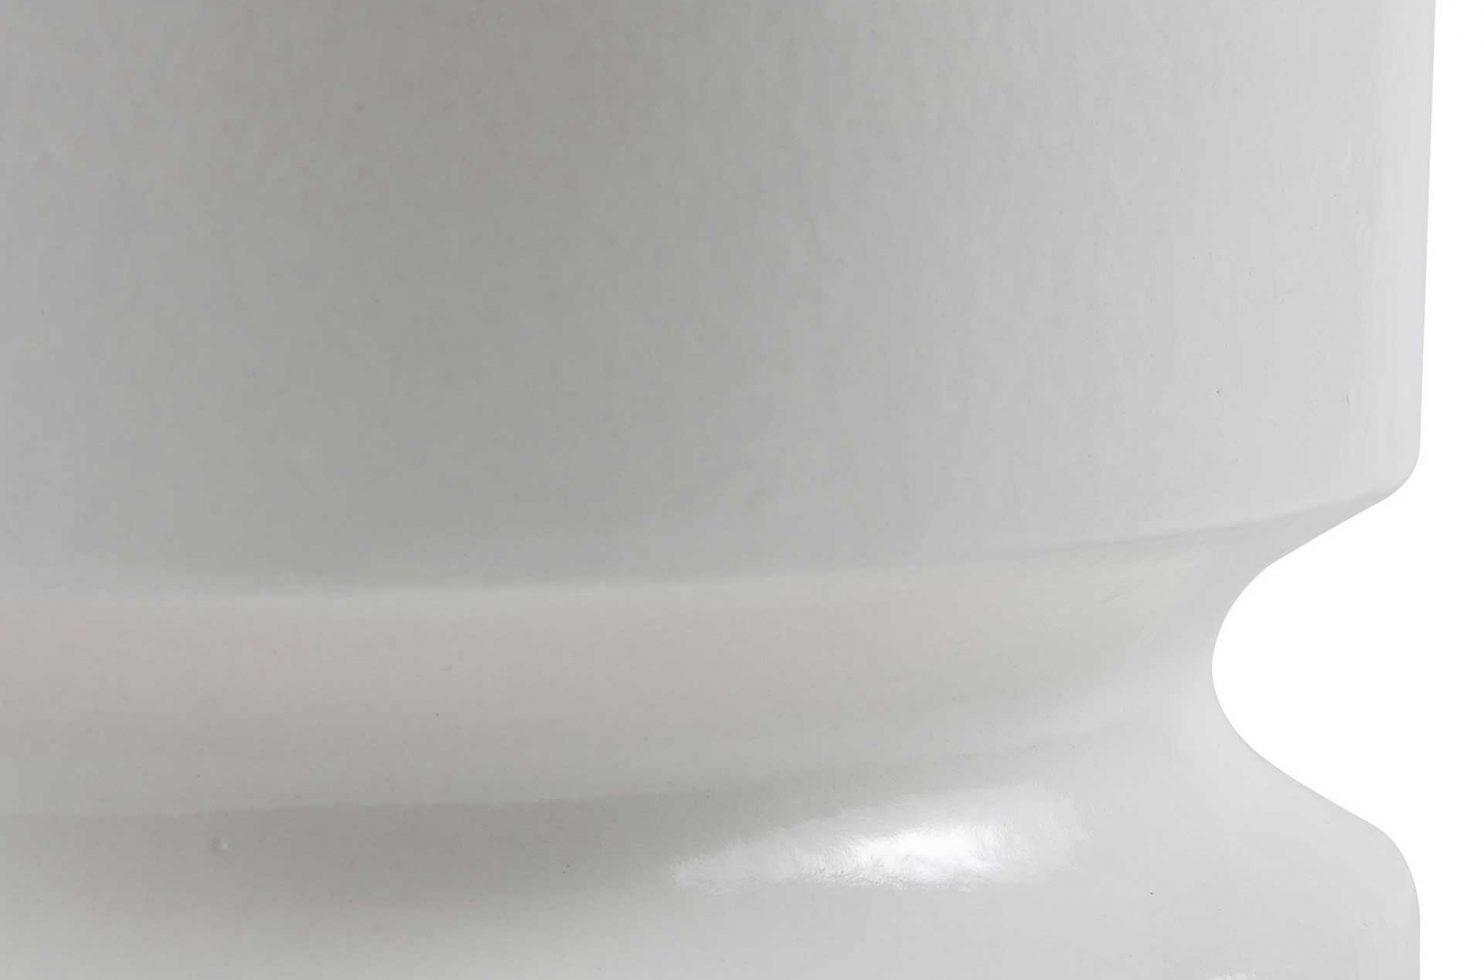 prov cer balance stool 18in C30804534 linen dtl1 web